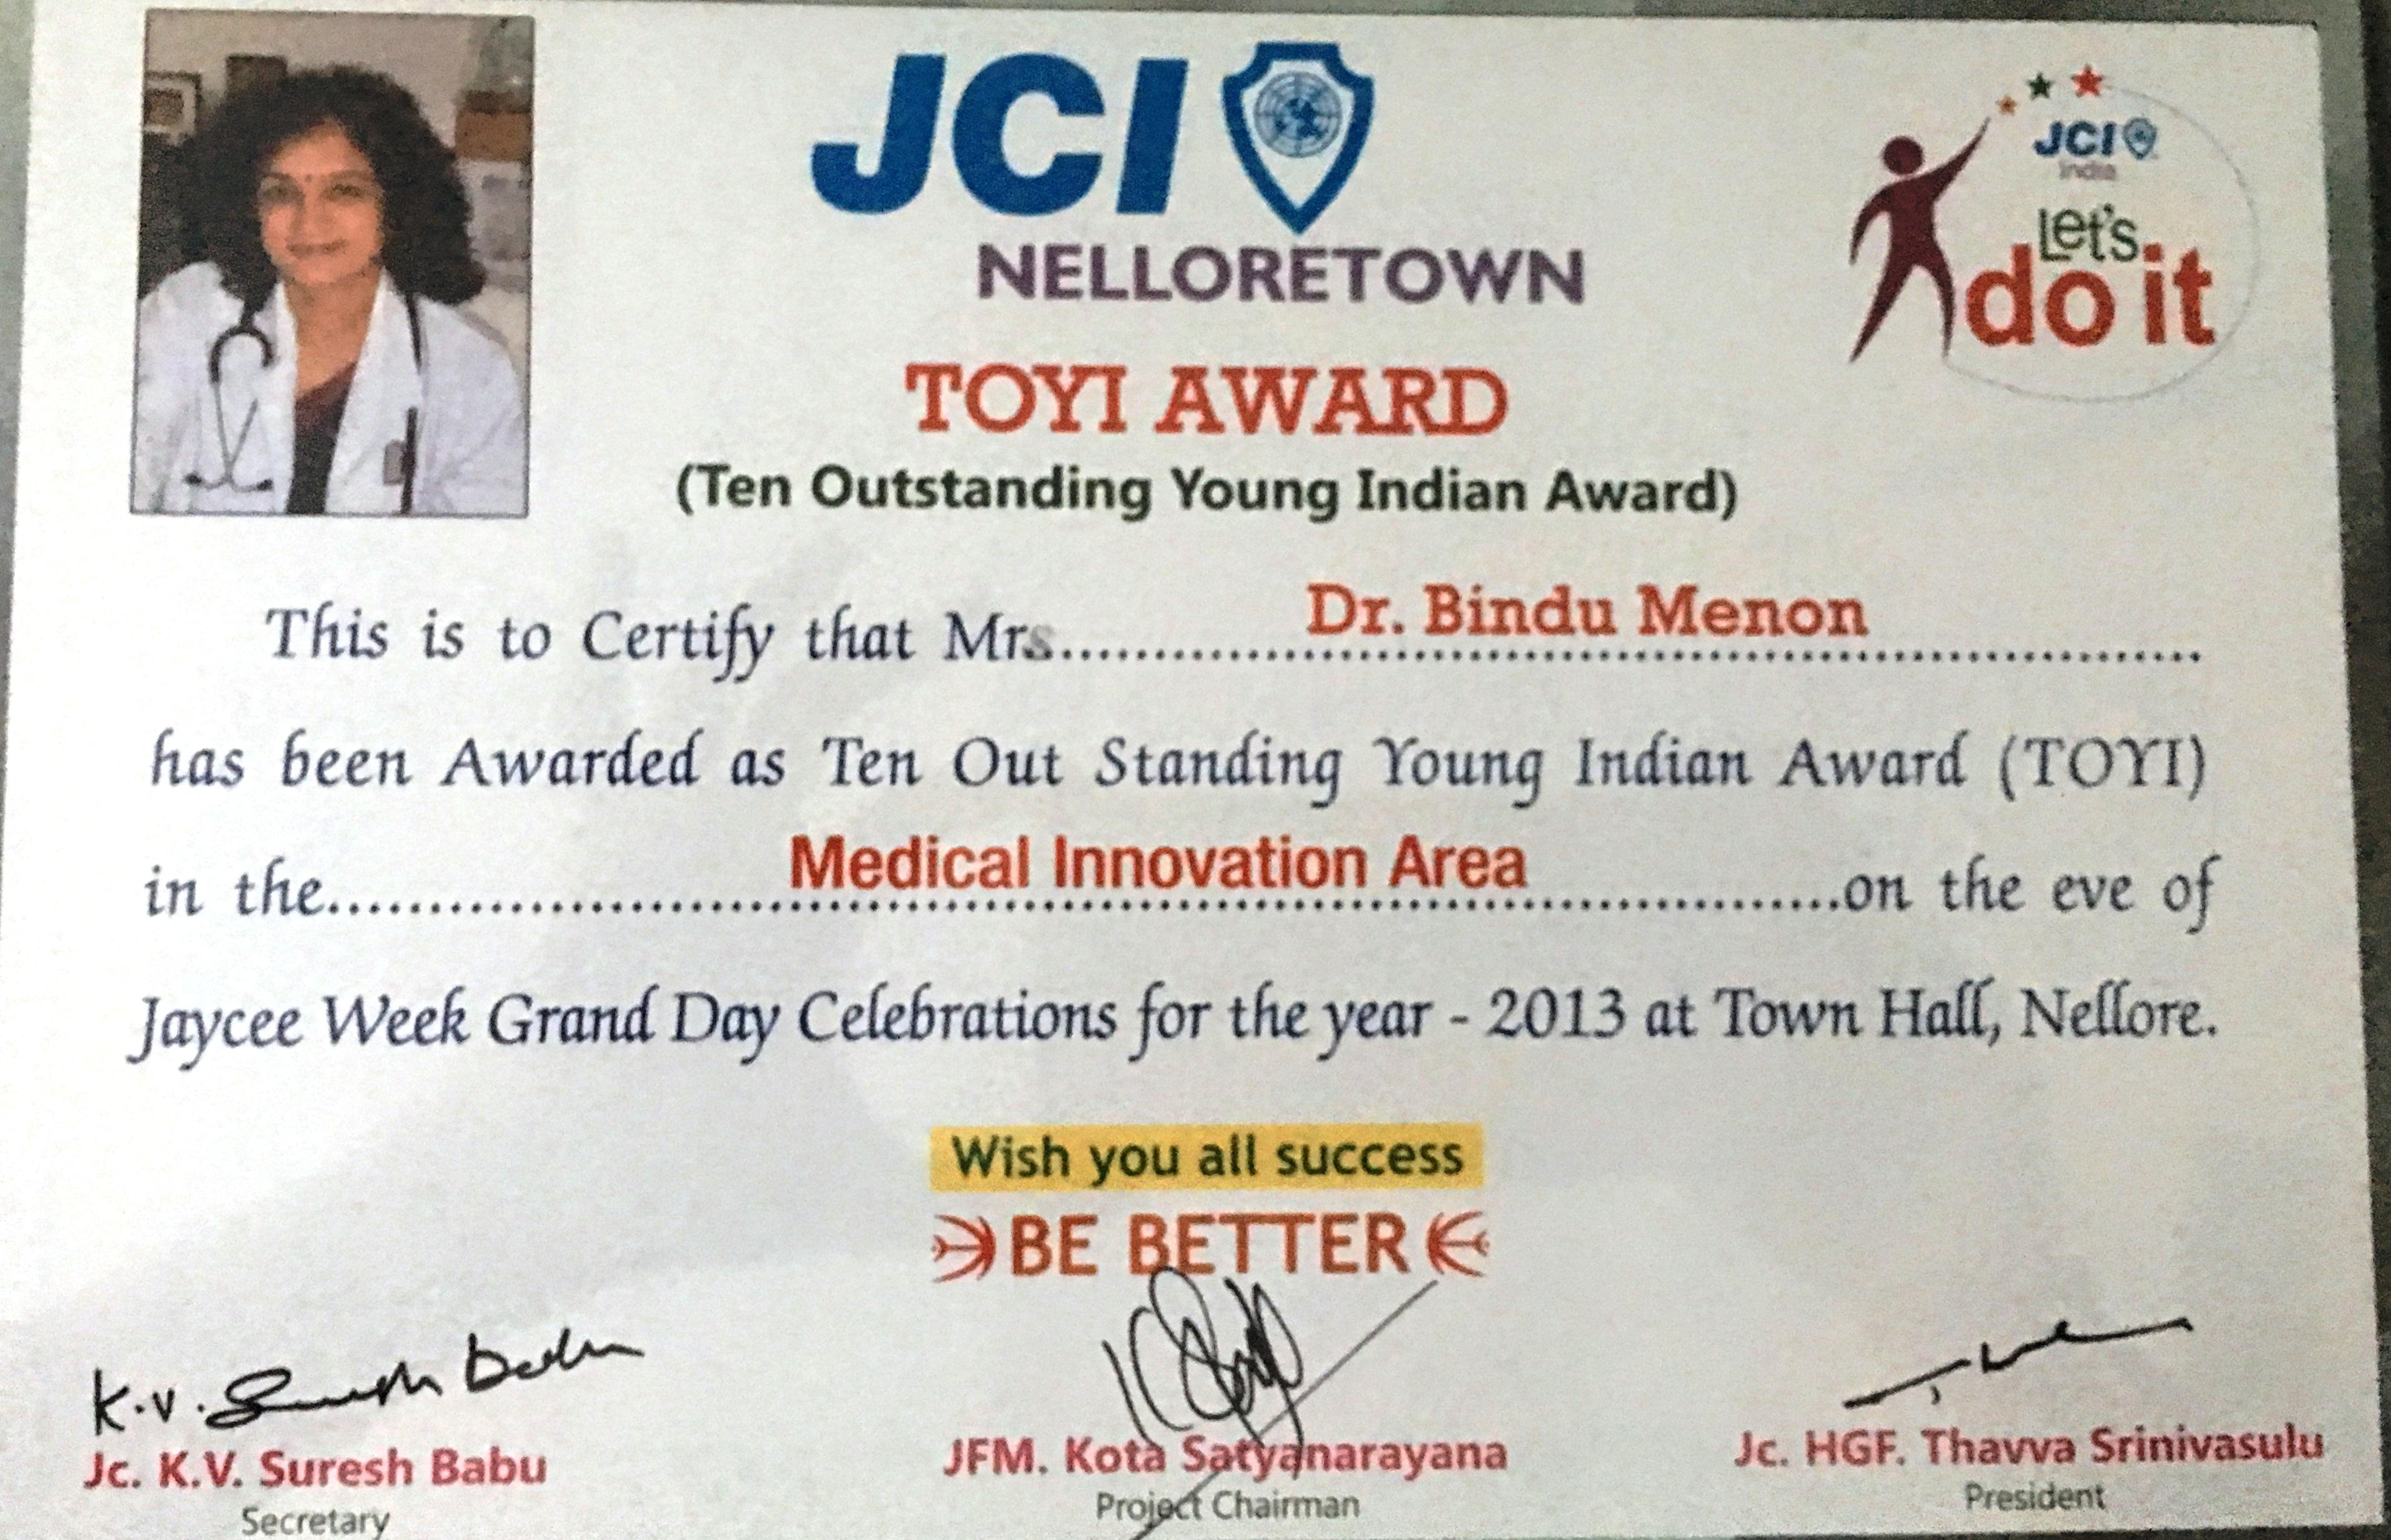 JCI TOYI Award